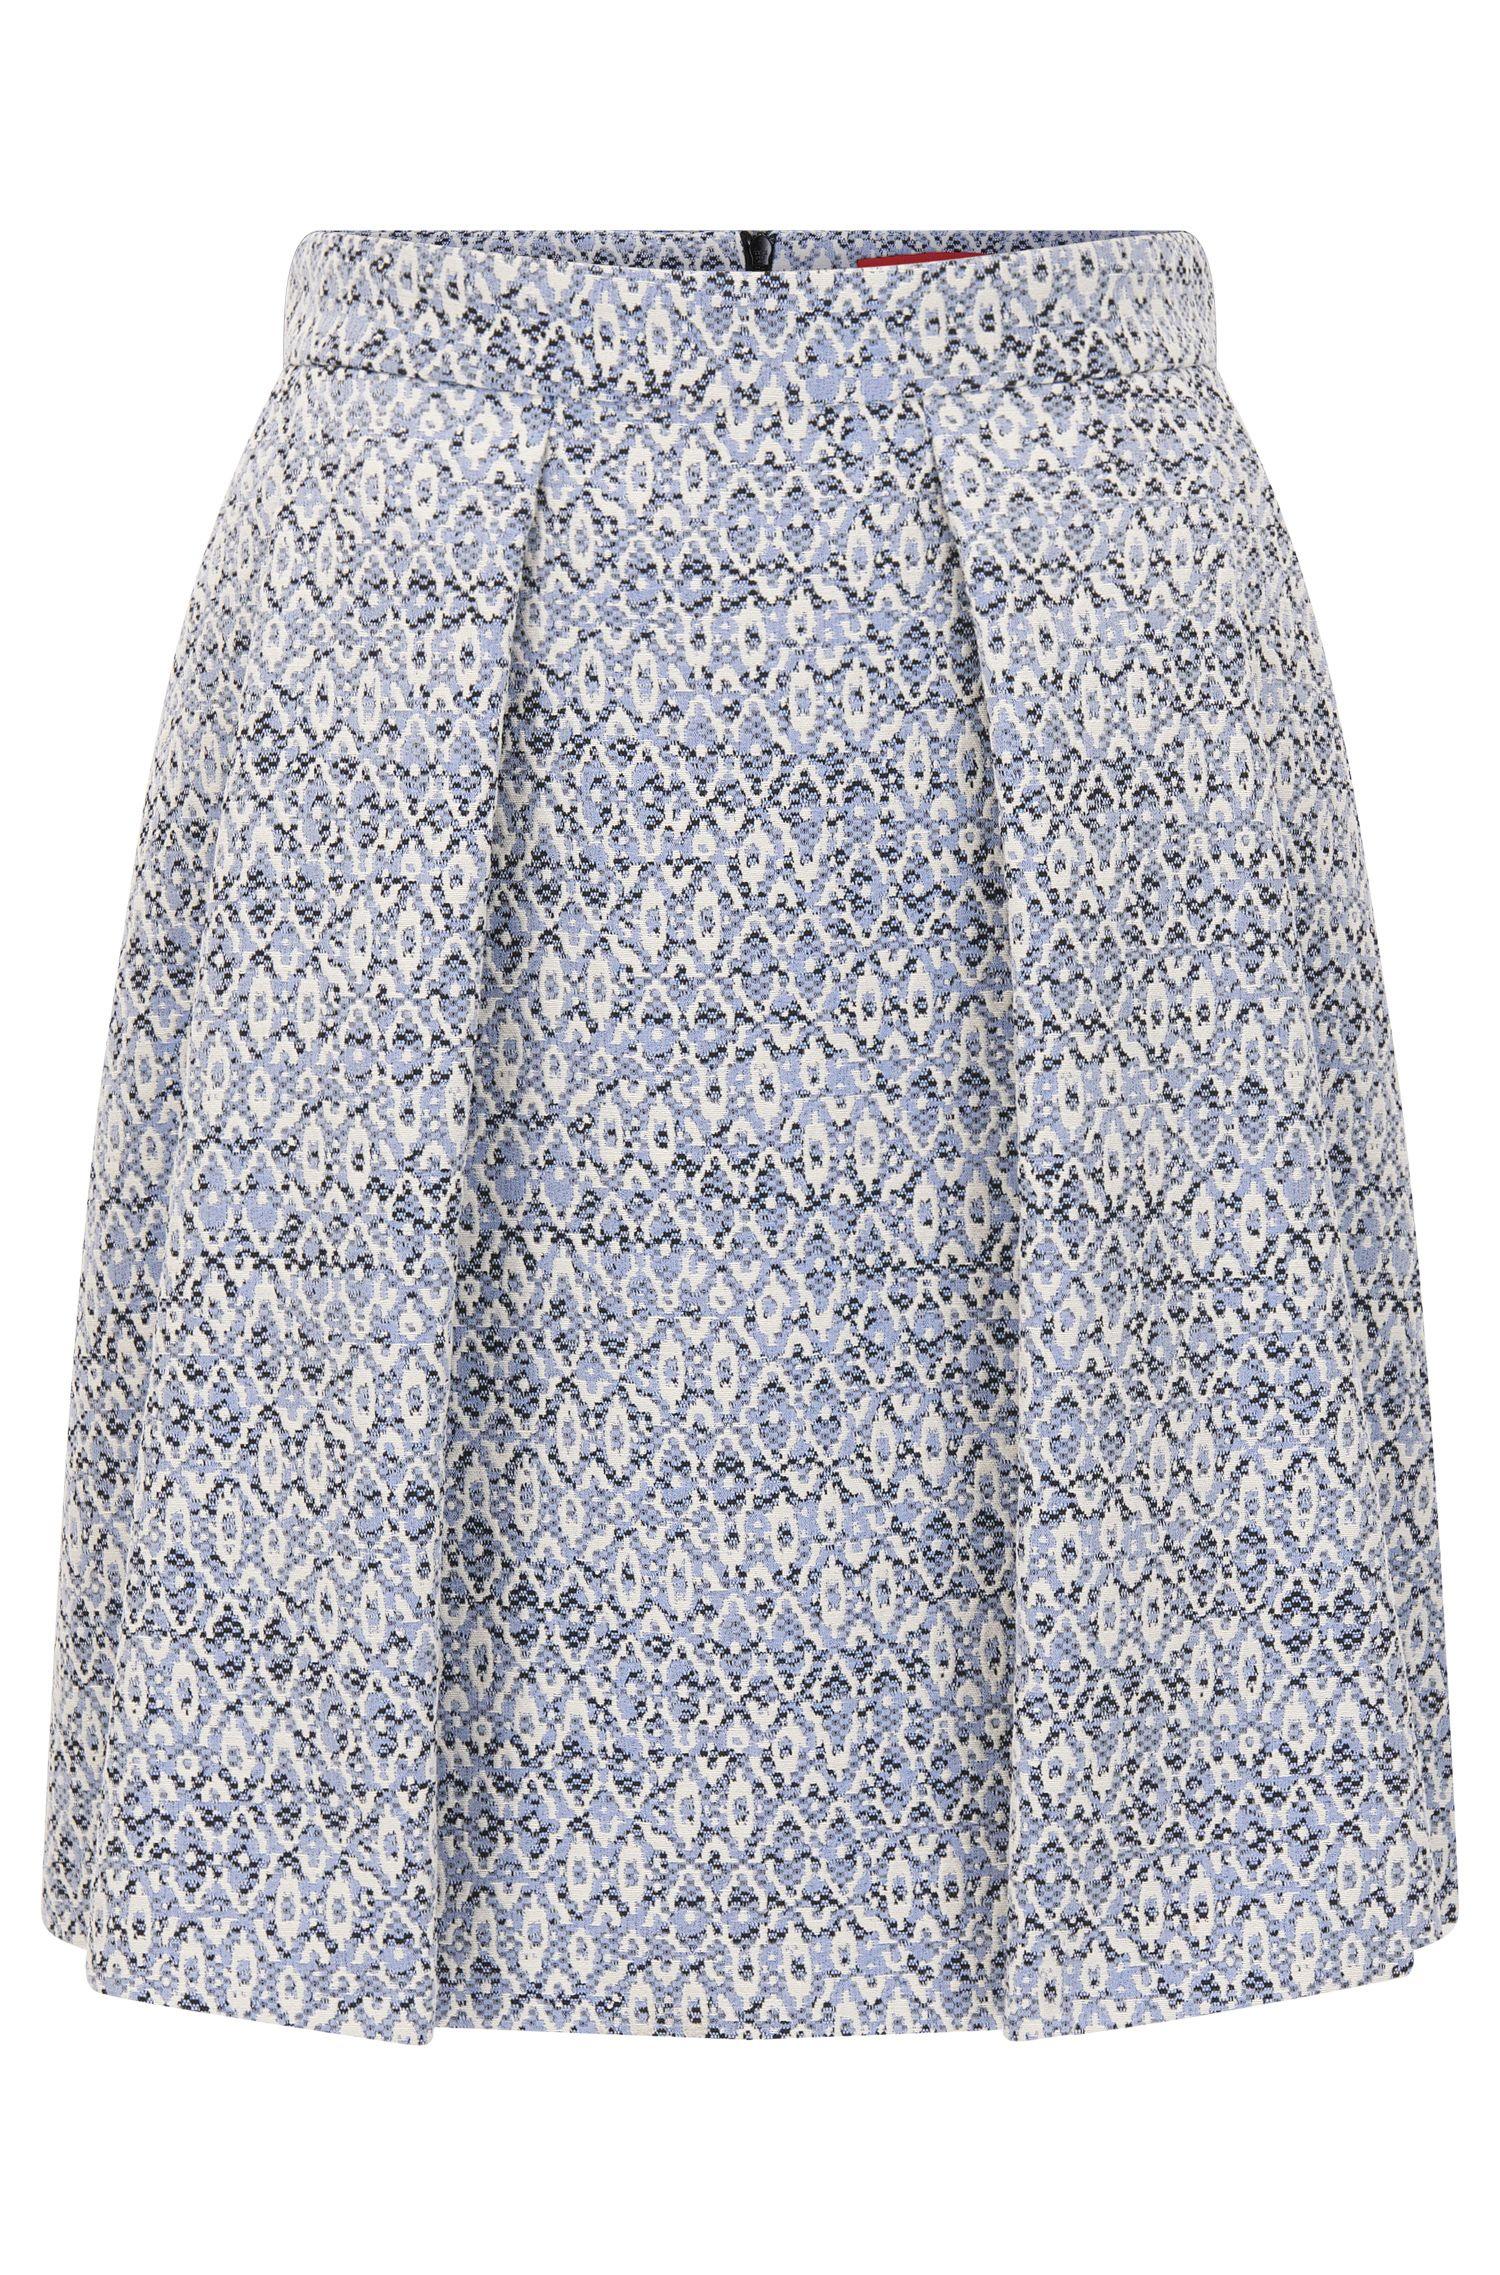 Regular-fit rok in jacquard van een katoenmix